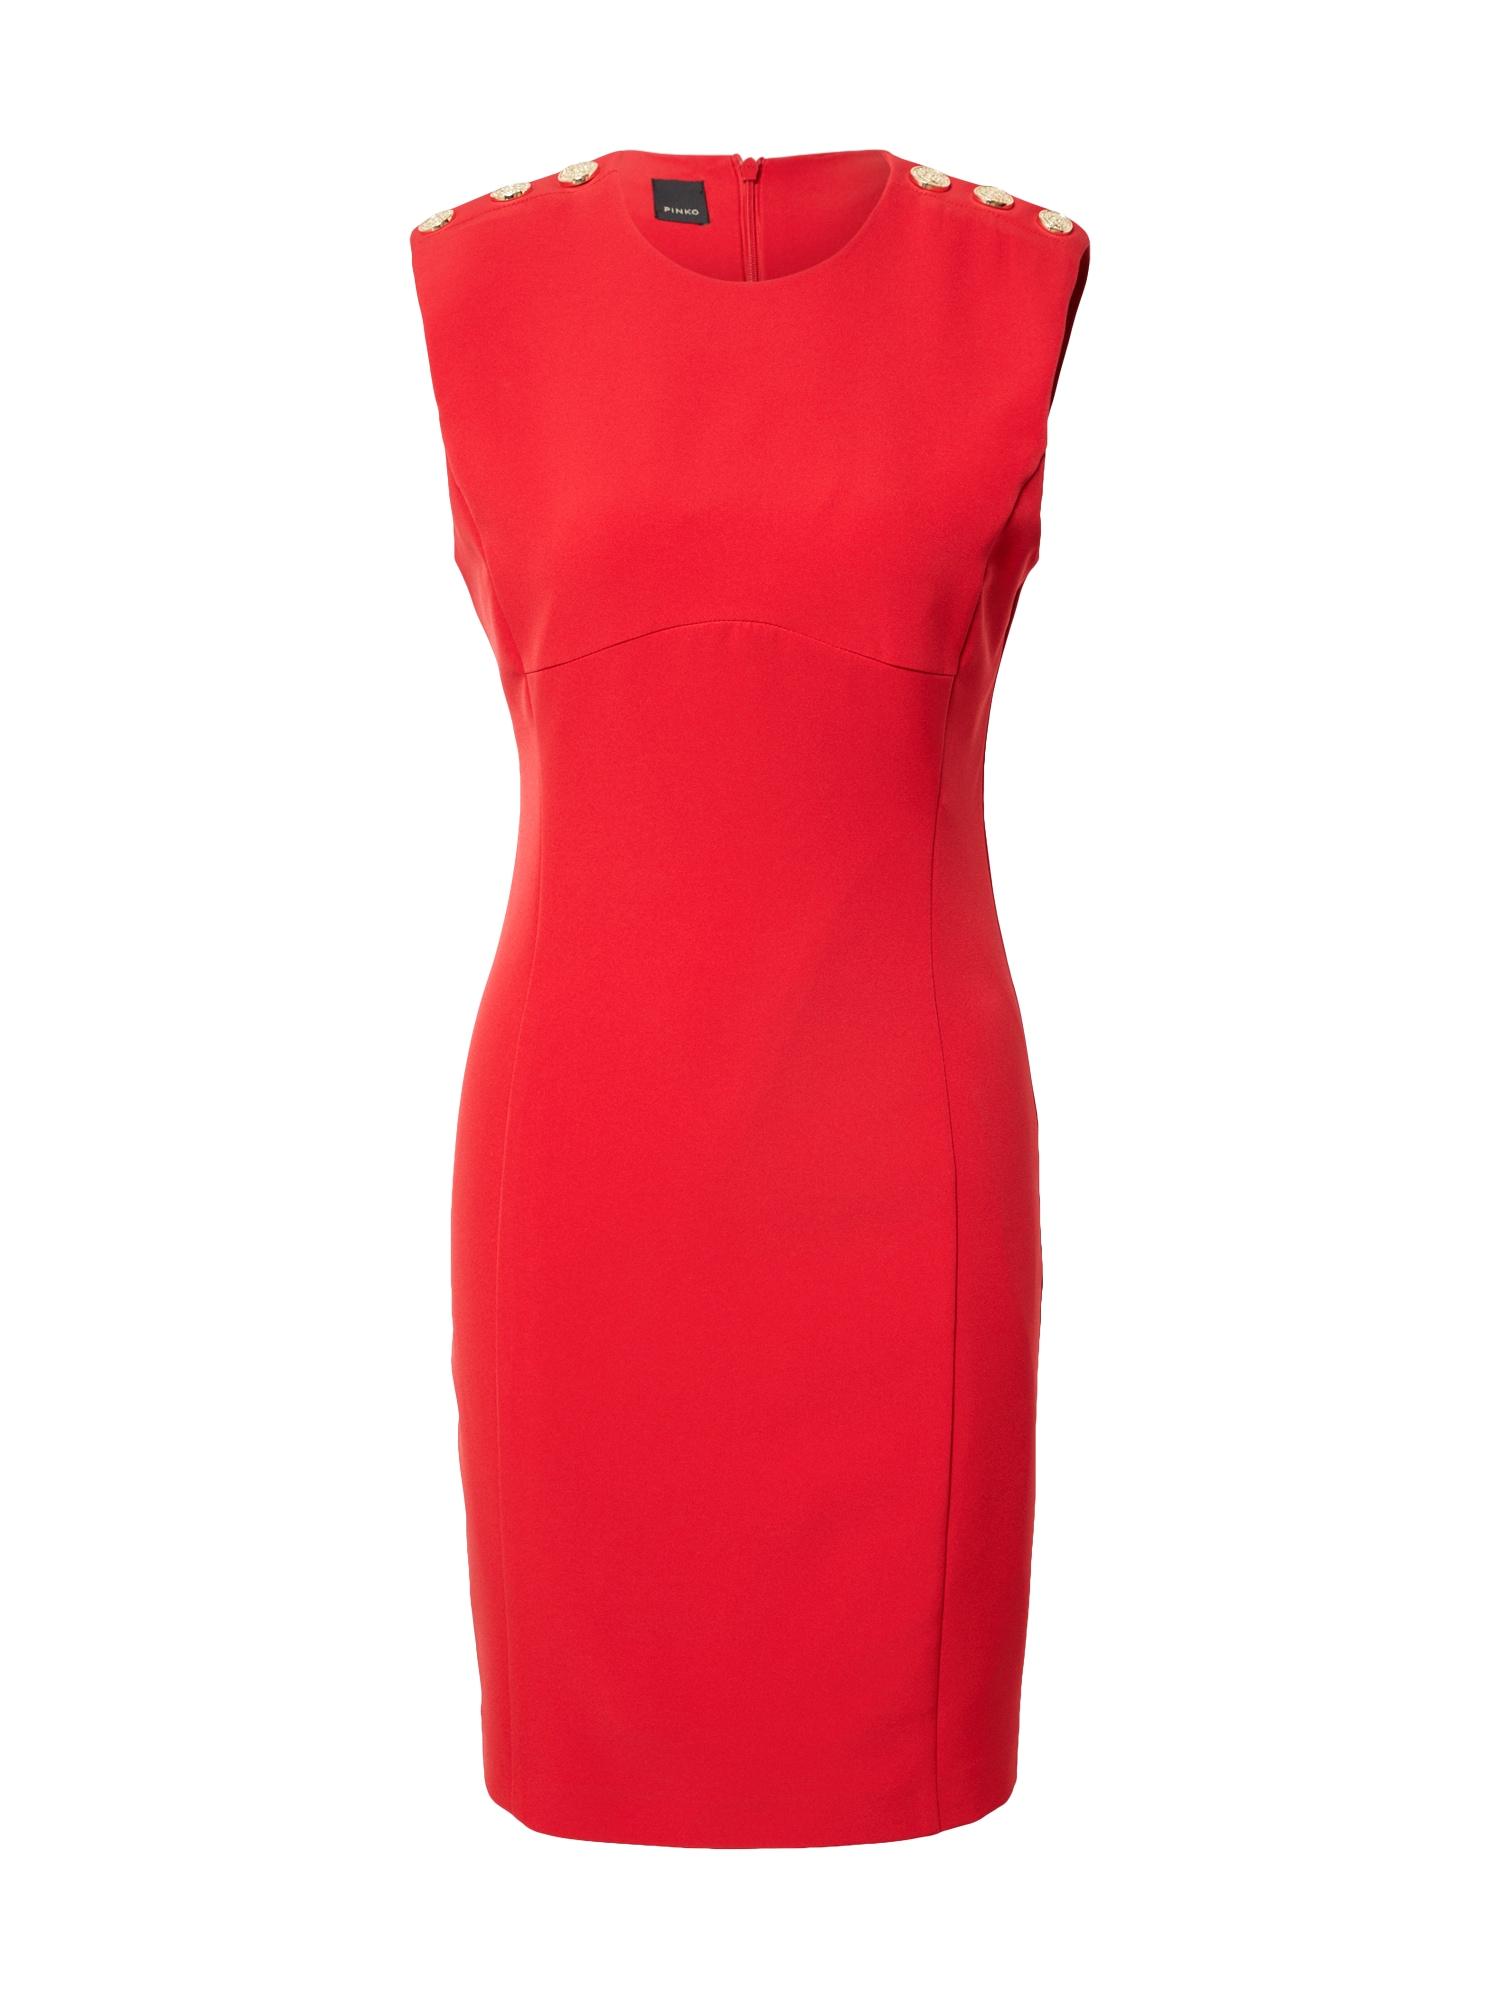 PINKO Suknelė raudona